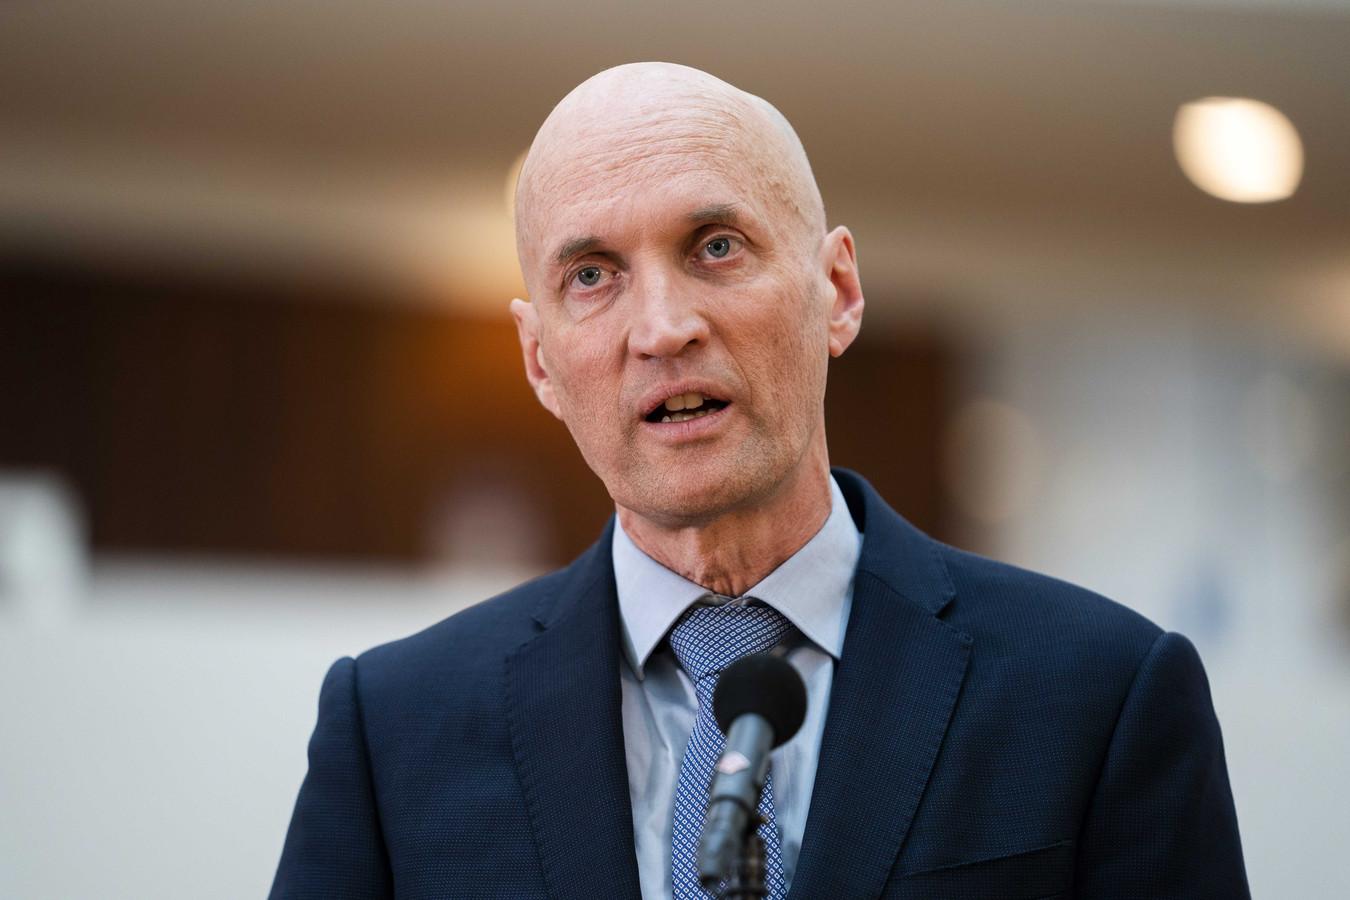 Ernst Kuipers, de voorzitter van het Landelijk Netwerk Acute Zorg, noemt de kans klein dat het aantal ziekenhuisopnames van coronapatiënten komende dinsdag met 20 procent zal zijn gedaald.